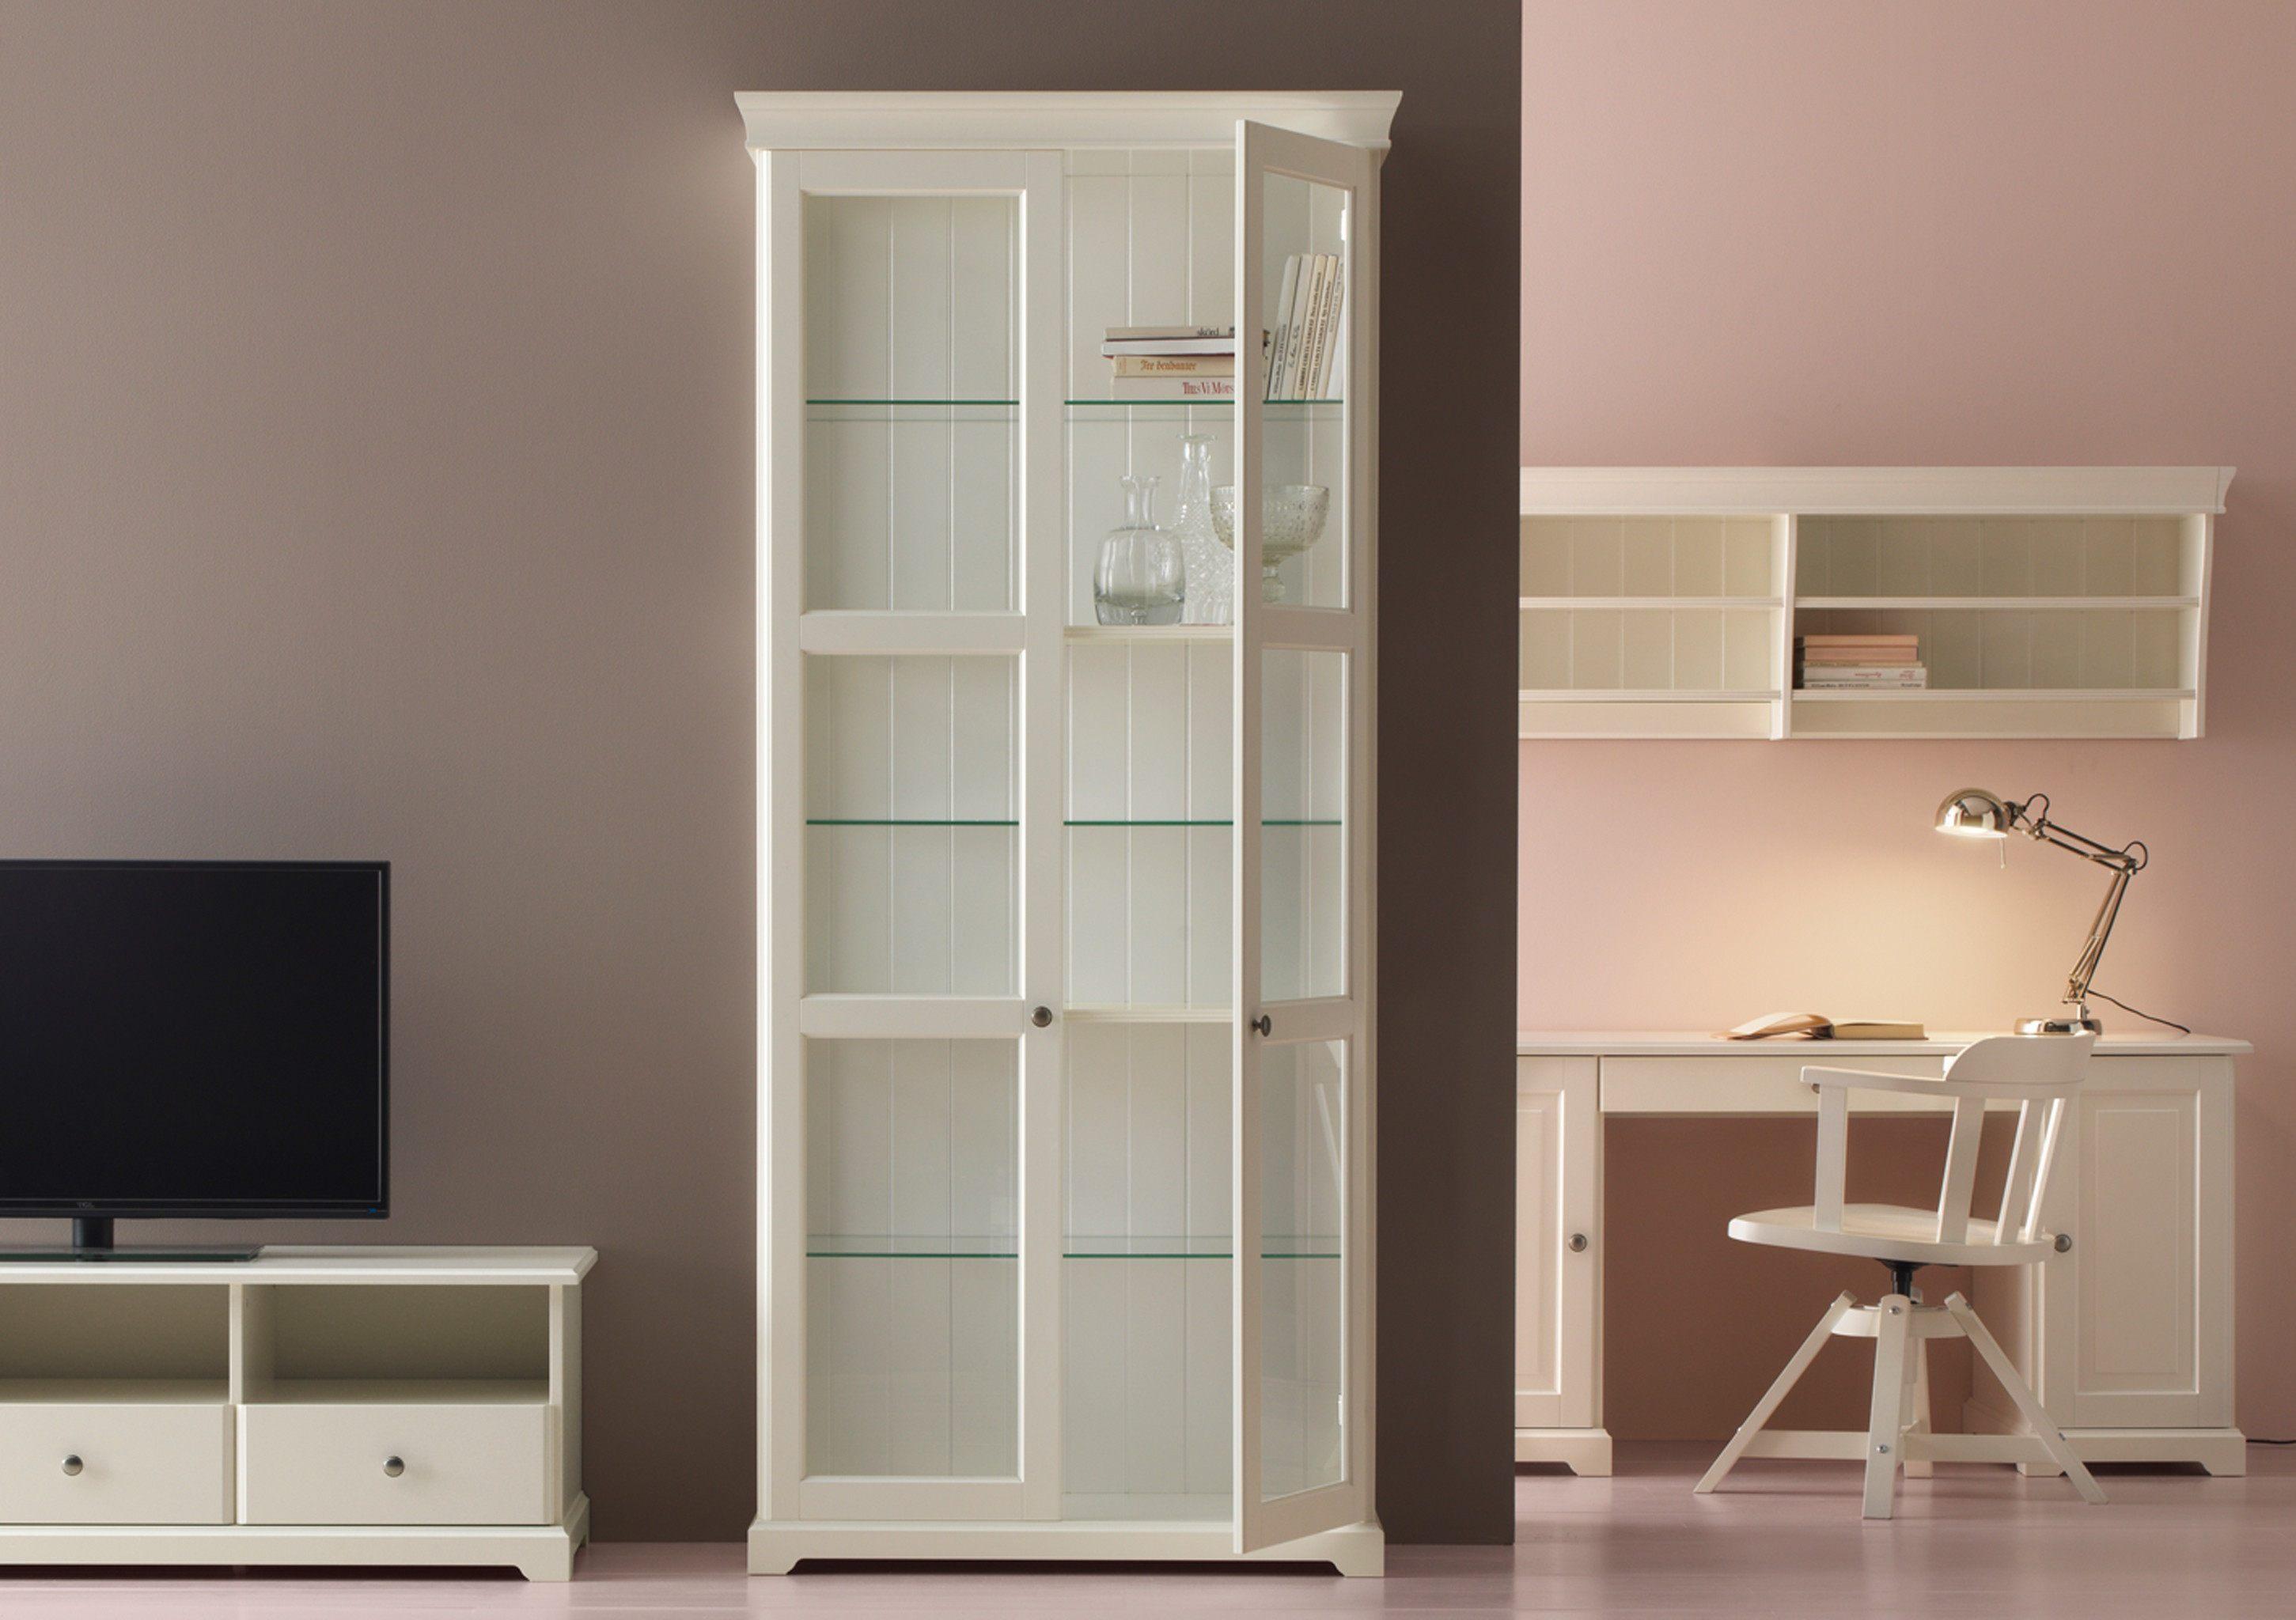 Lit Superposé Combiné Douce Lit Biné Mezzanine Bureau Armoire élégant Bureau Fer forgé Ikea